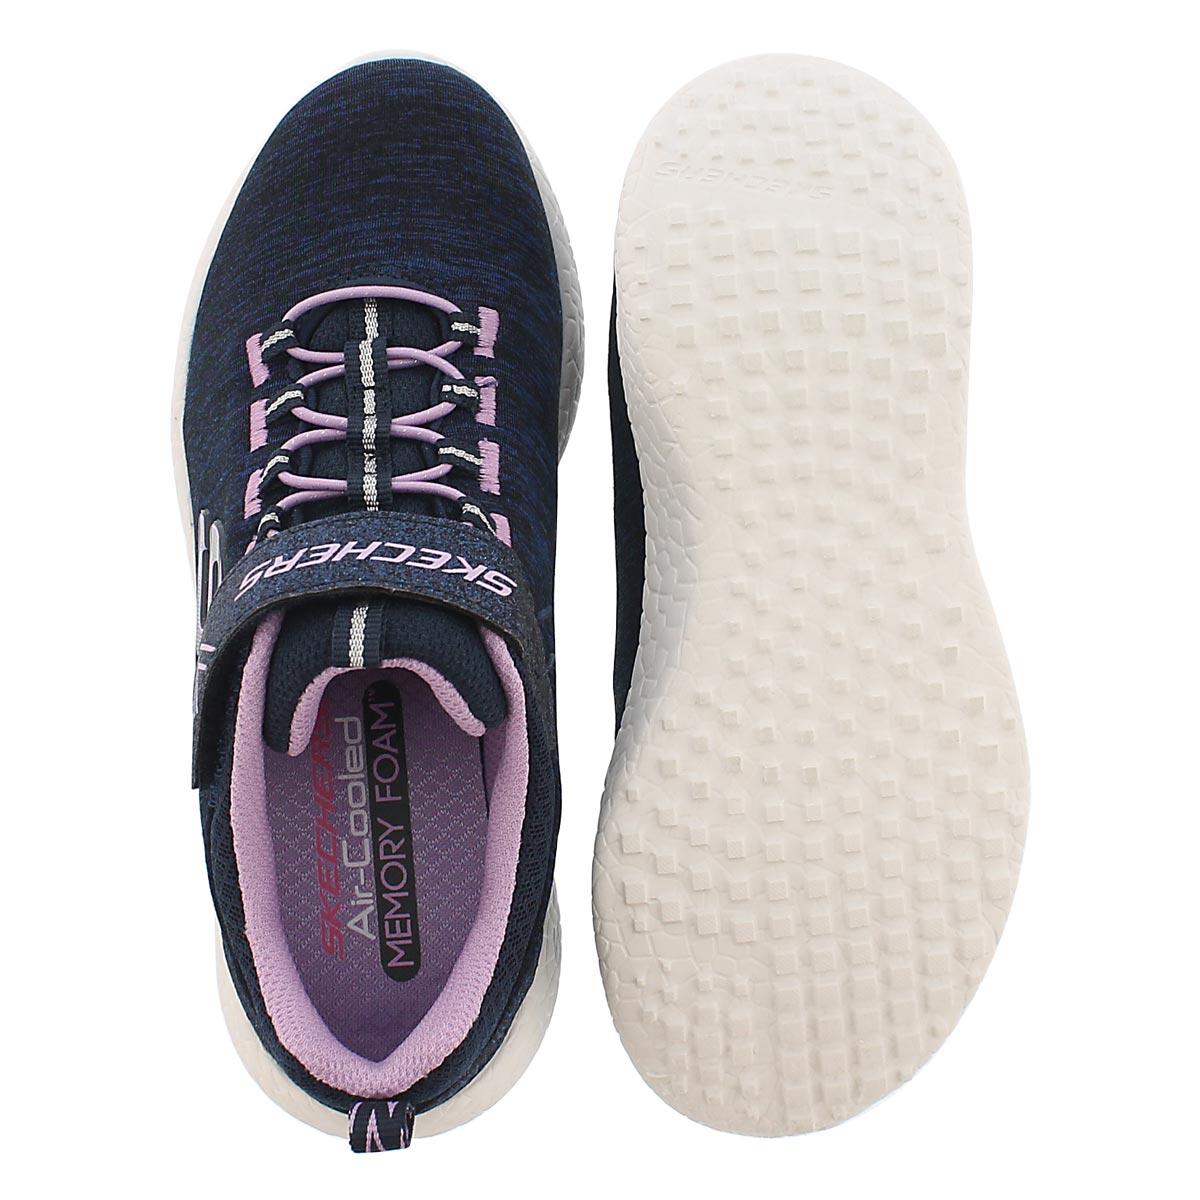 Grls Burst Equinox nvy/lav running shoe